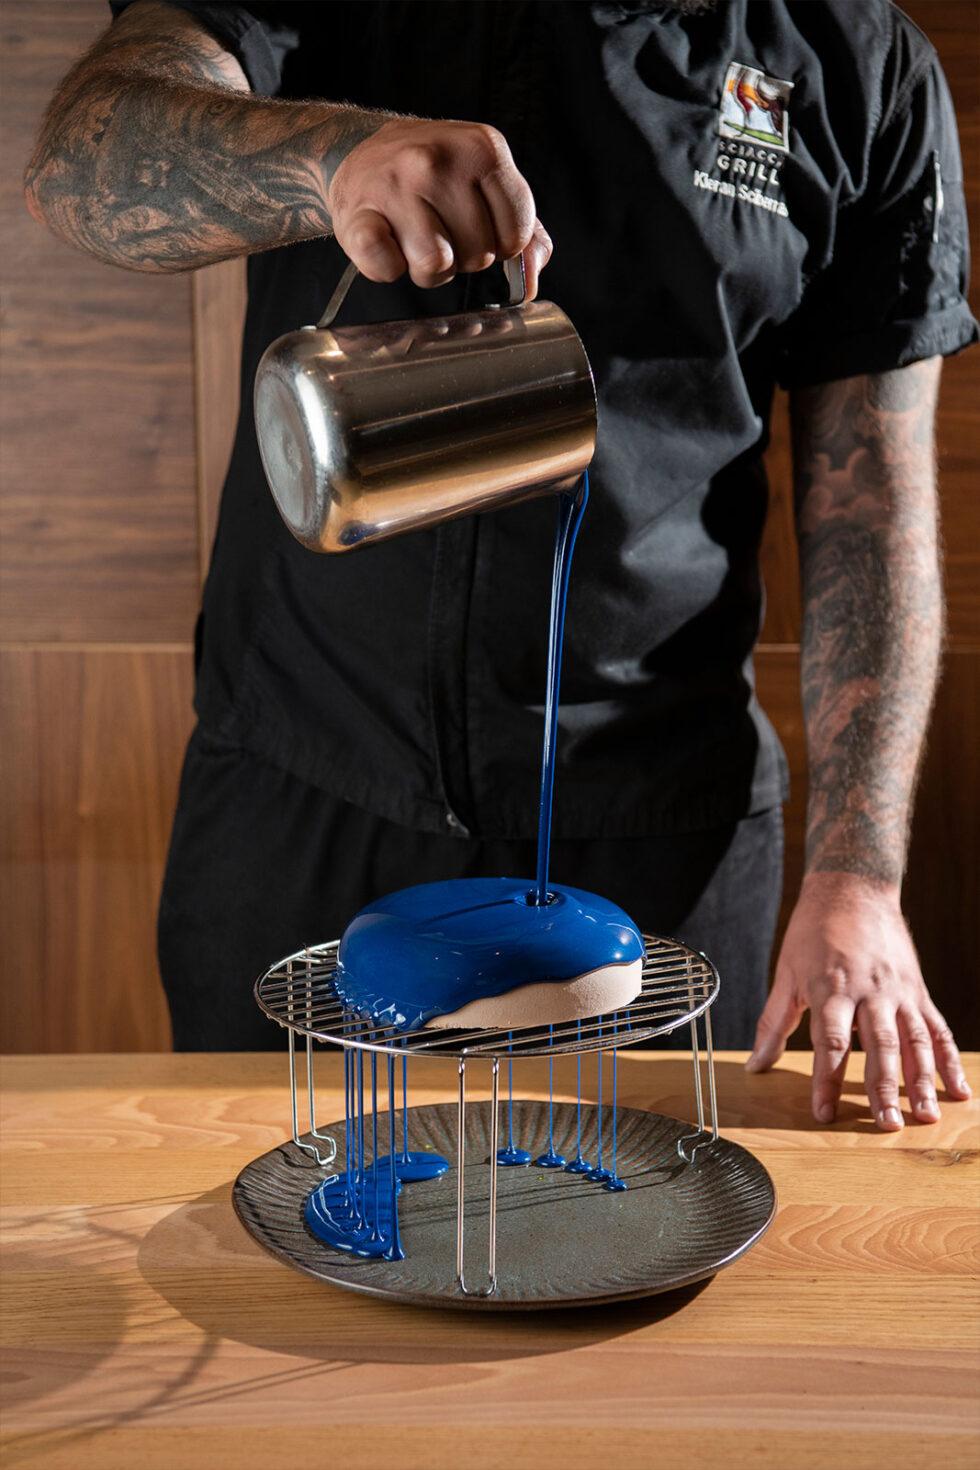 Chef making dessert